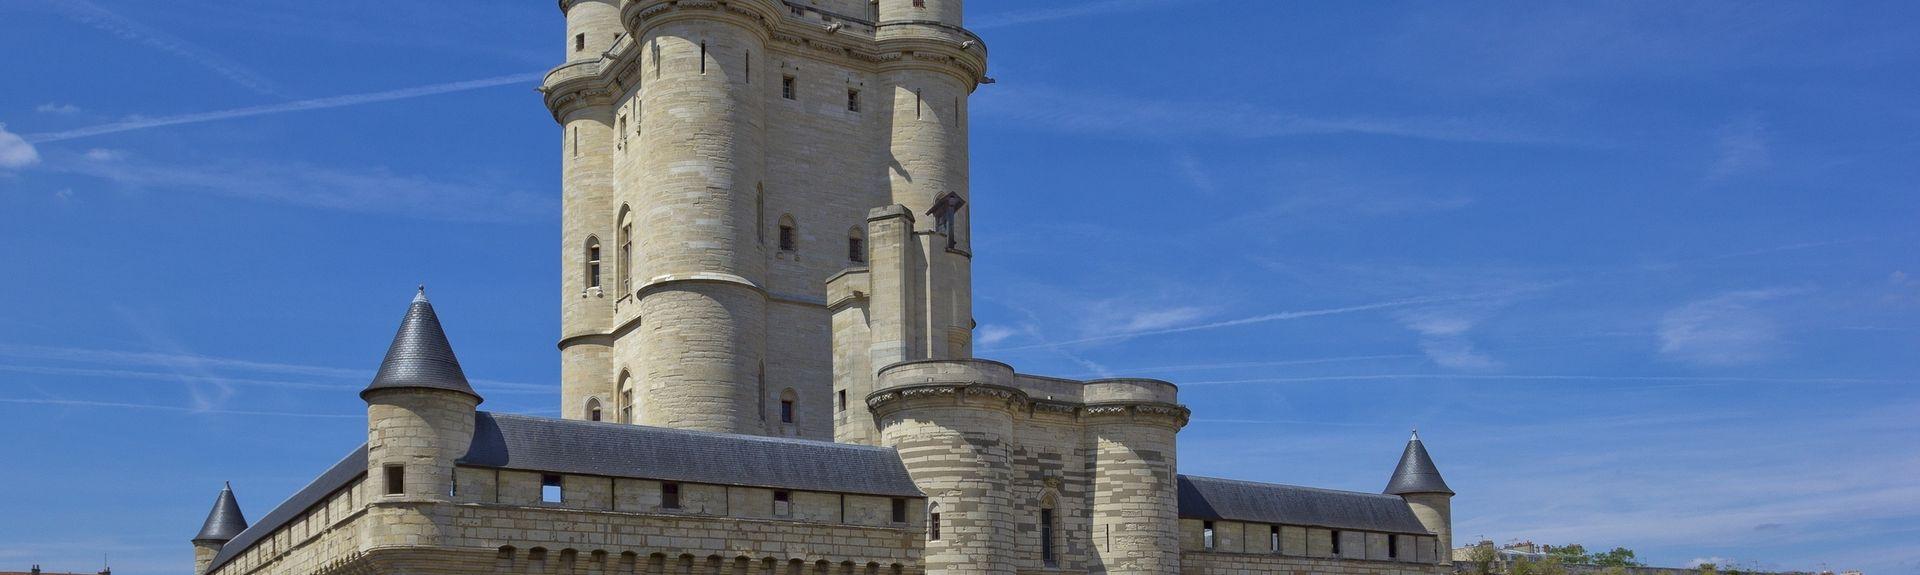 Vincennes, France